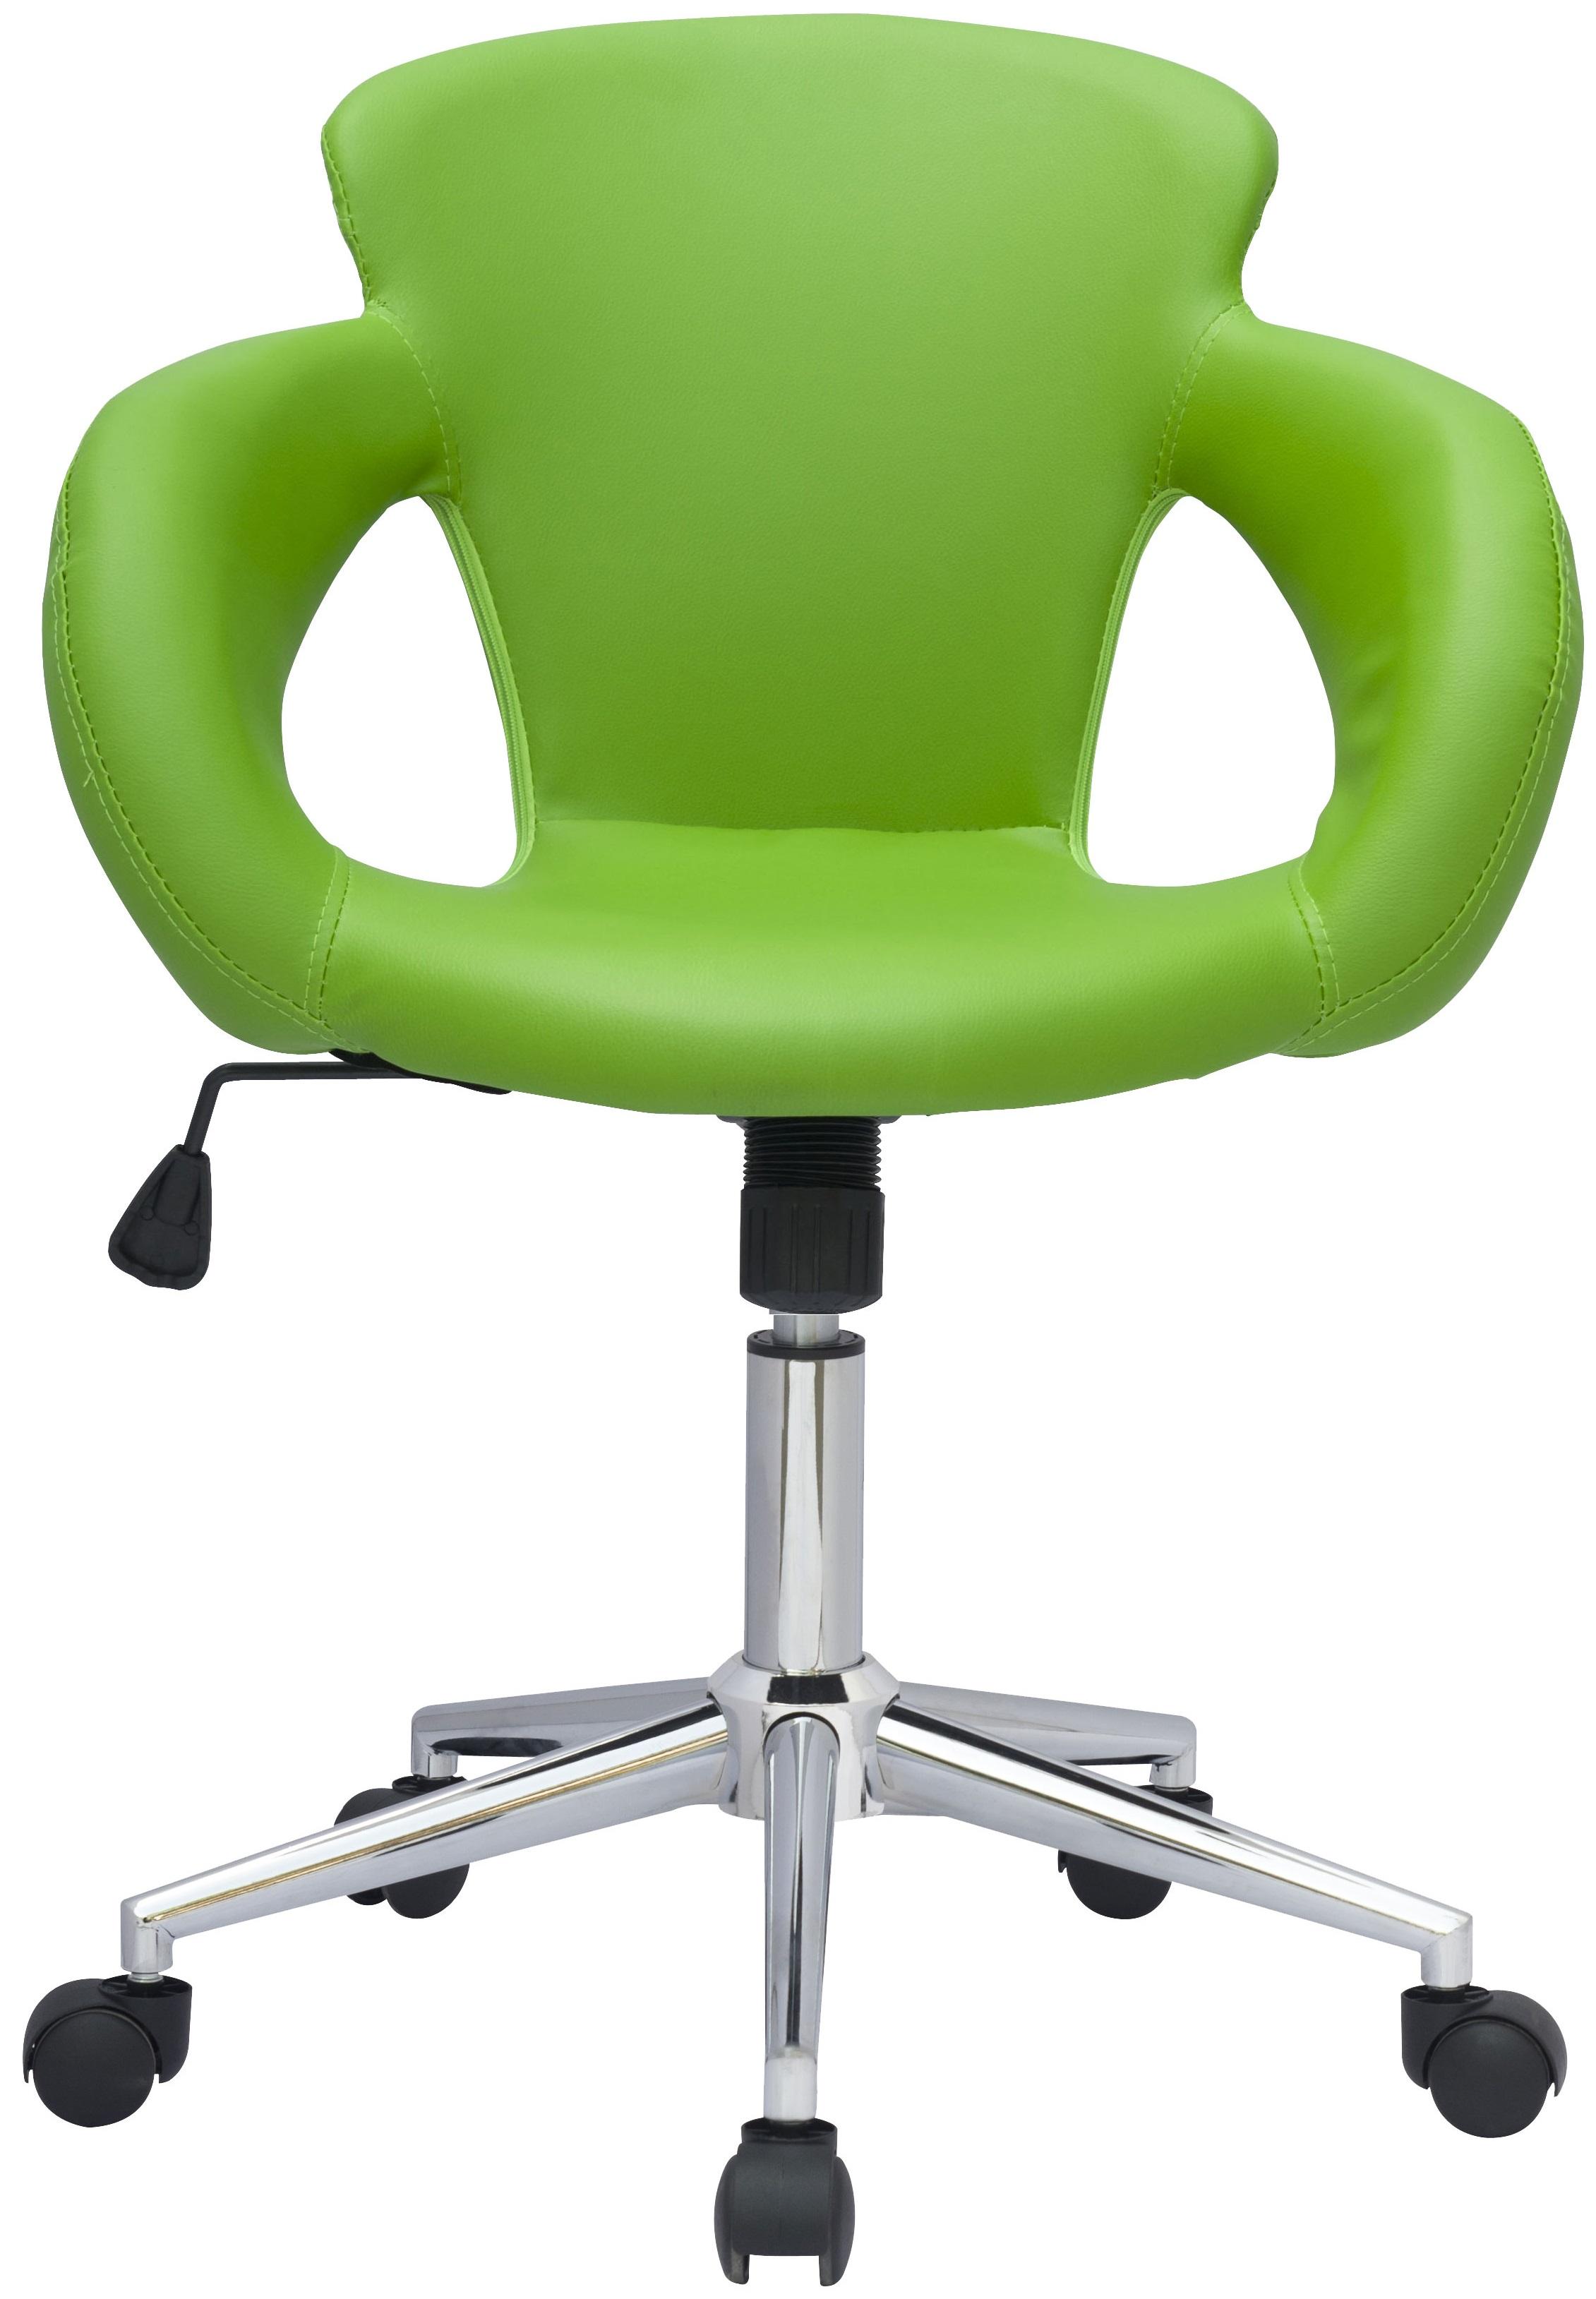 SixBros-Buerostuhl-Drehstuhl-Schreibtischstuhl-Kunstleder-Stoff-Farbe-Auswahl Indexbild 7